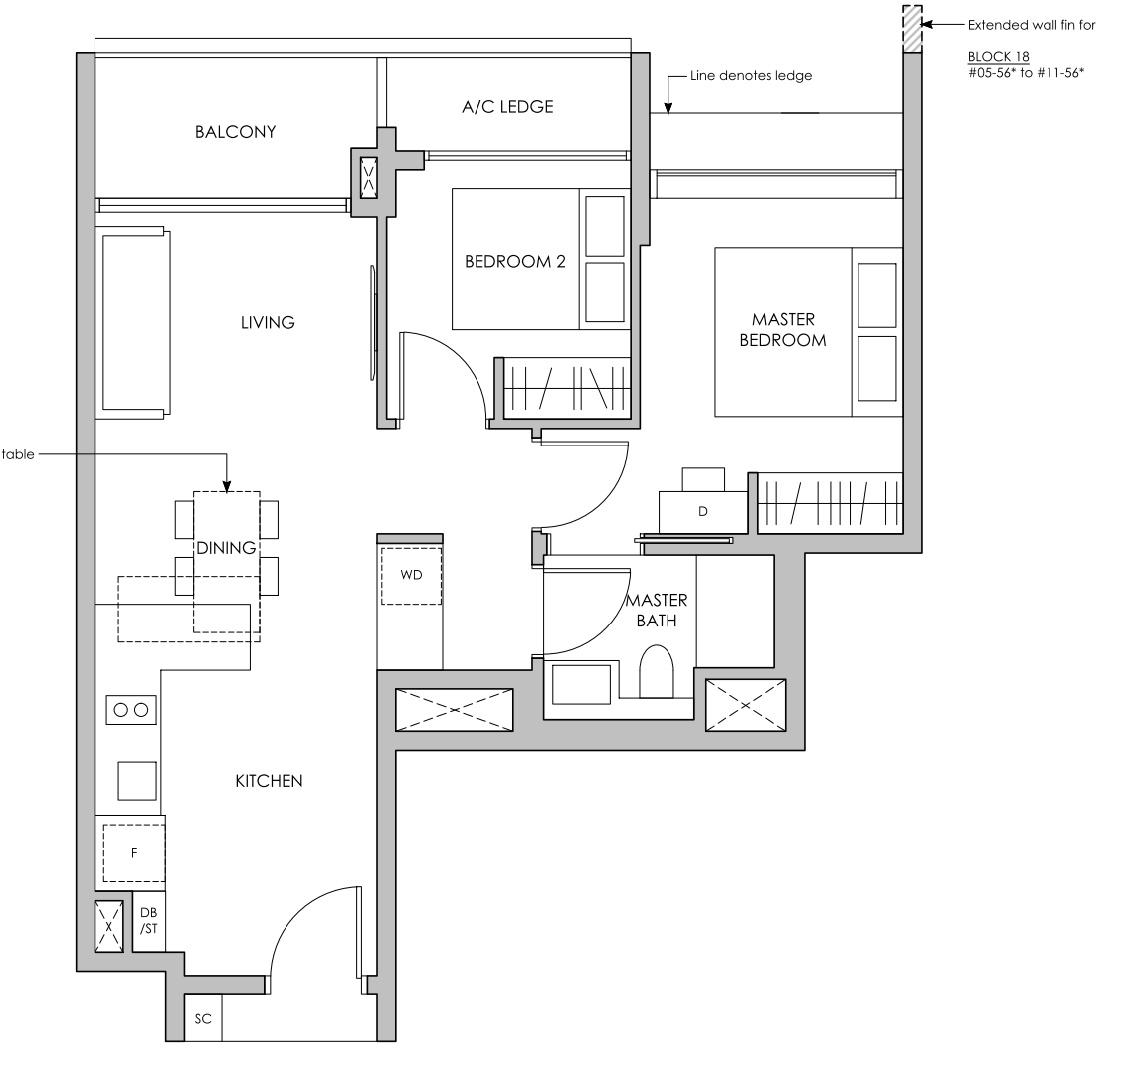 Pasir ris 8 floor plan 2 Bedroom